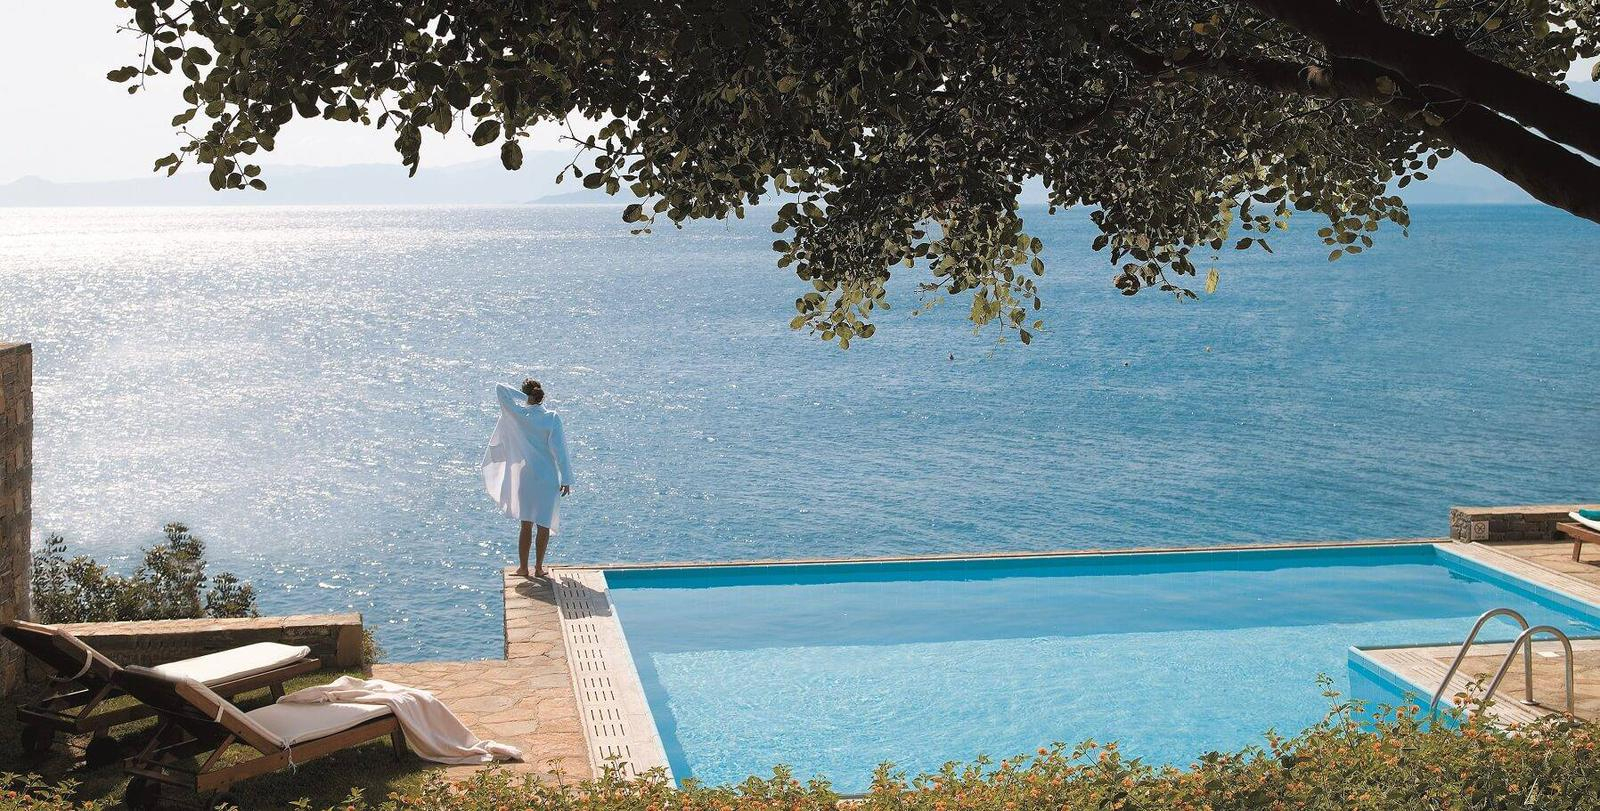 8 Suites D'hôtel Avec Piscine Privée Pour Un Week-End En Europe destiné Hotel Avec Piscine Ile De France